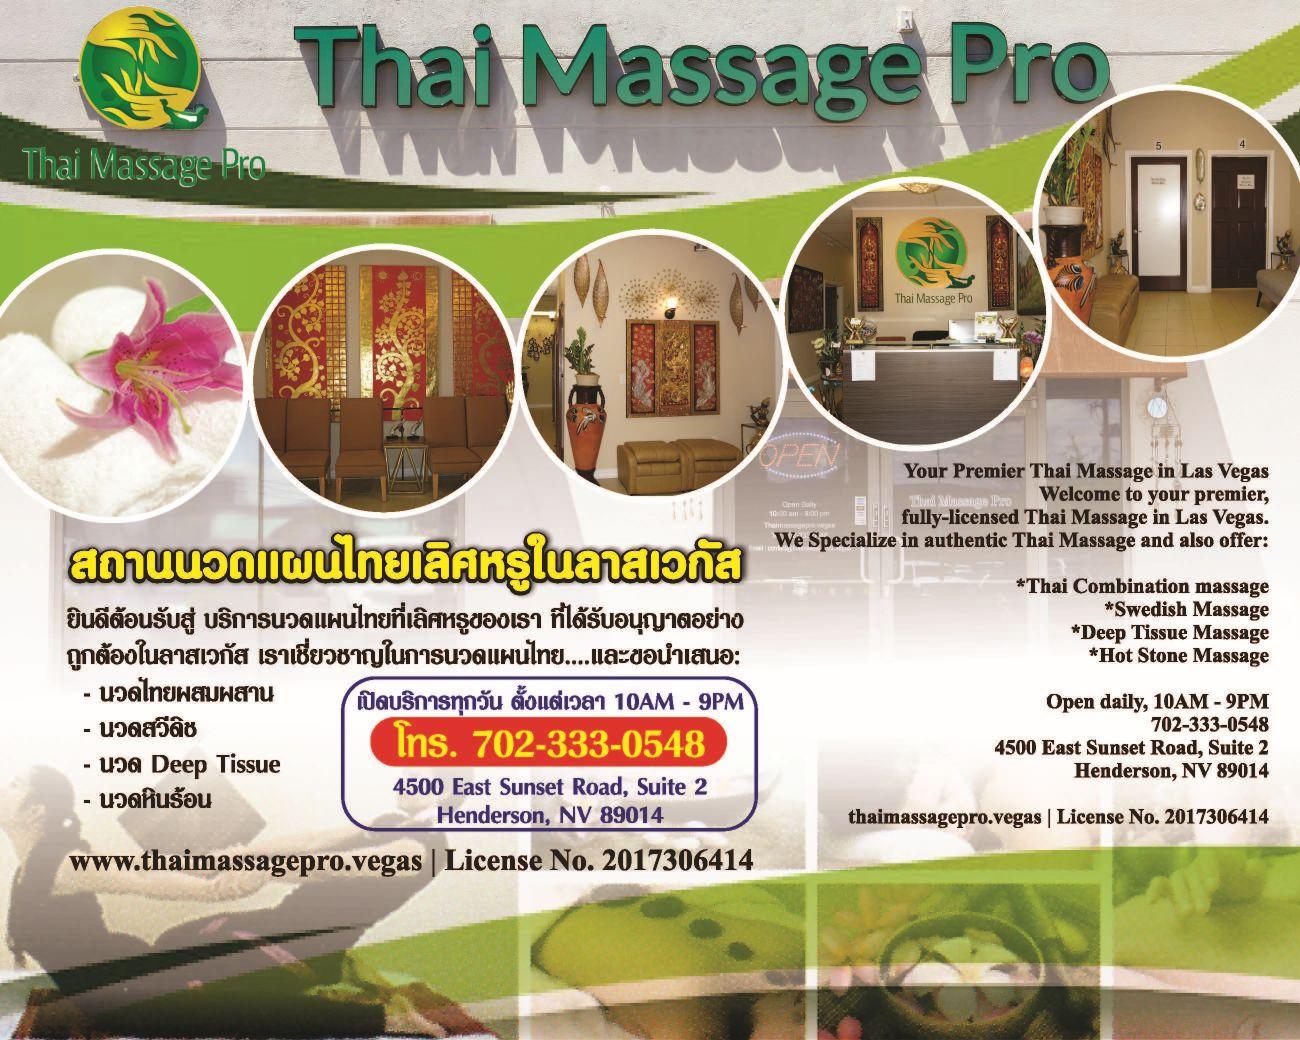 Thai Massage Pro